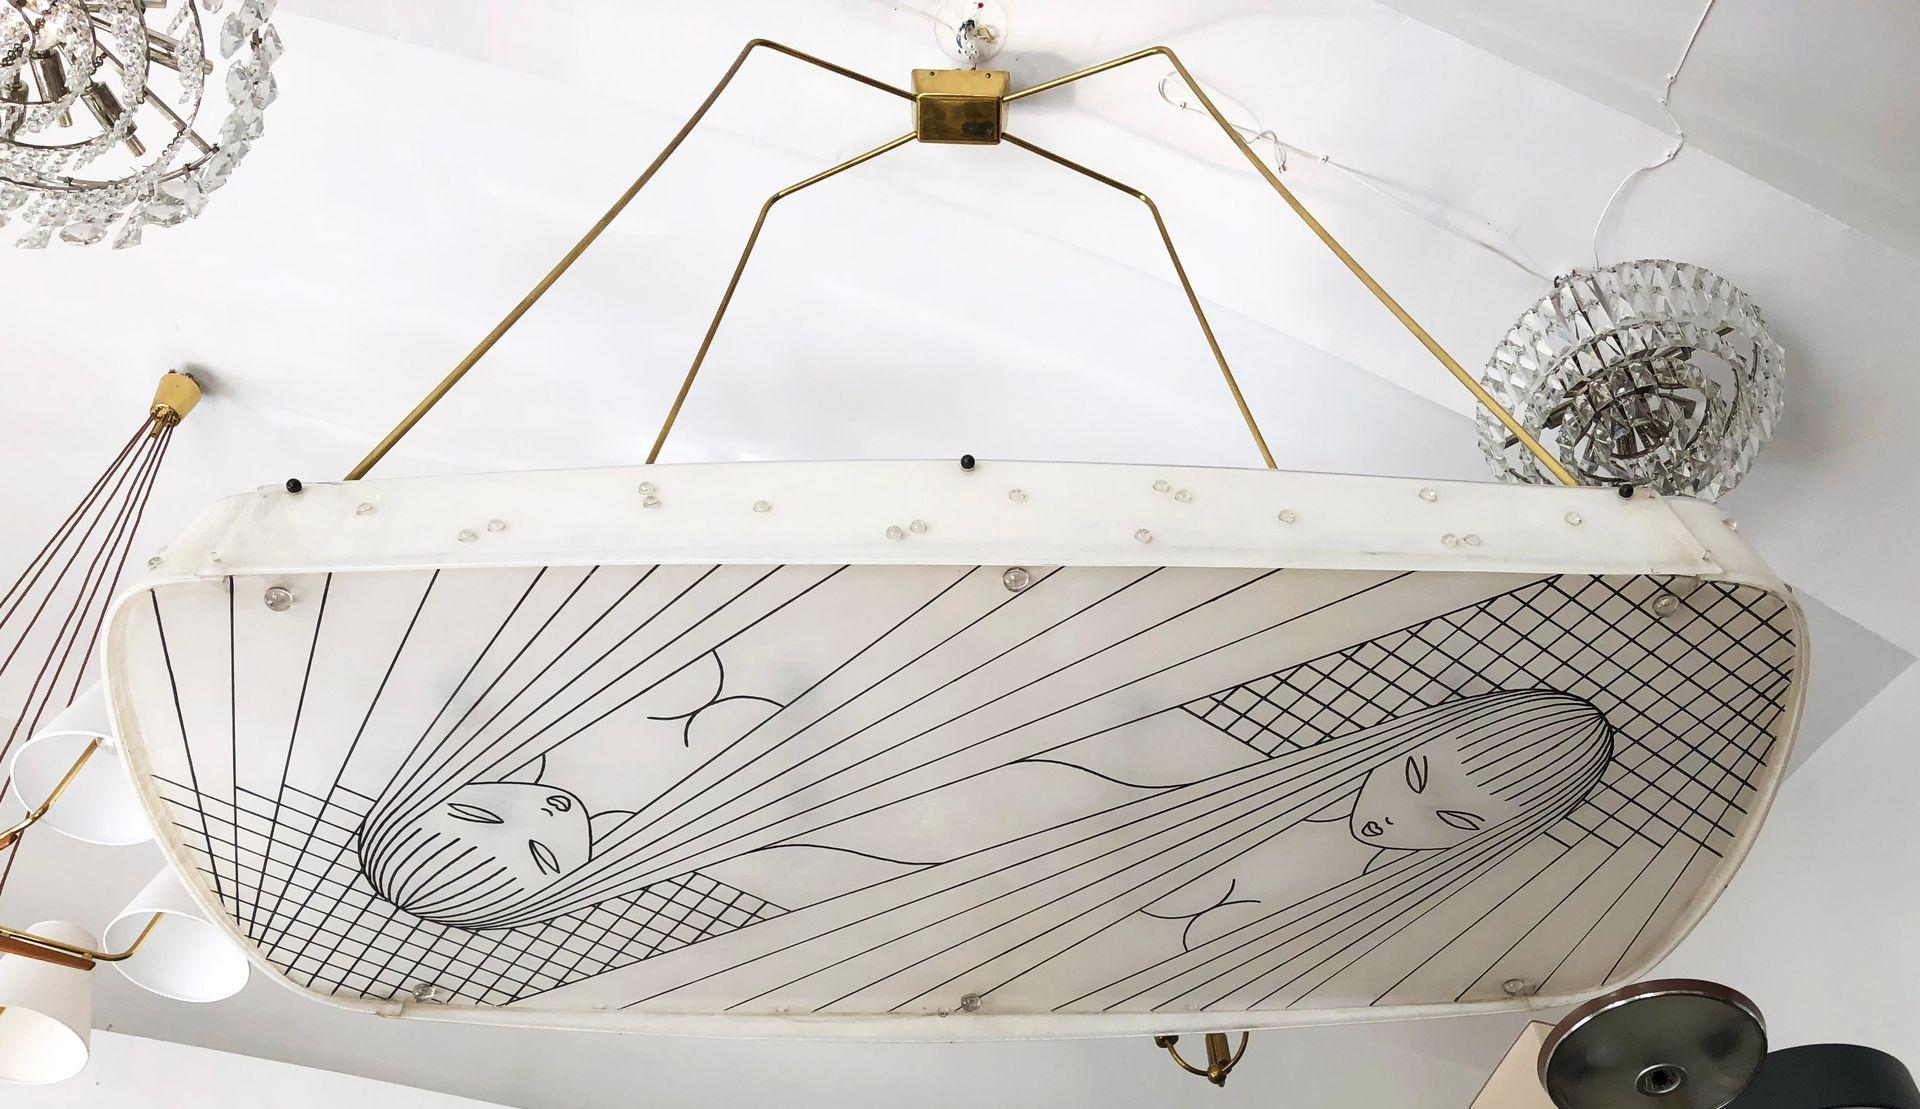 led leuchten decke bad   holz wohnzimmerlampen   beleuchtung badezimmerspiegel   deckenlampe ...